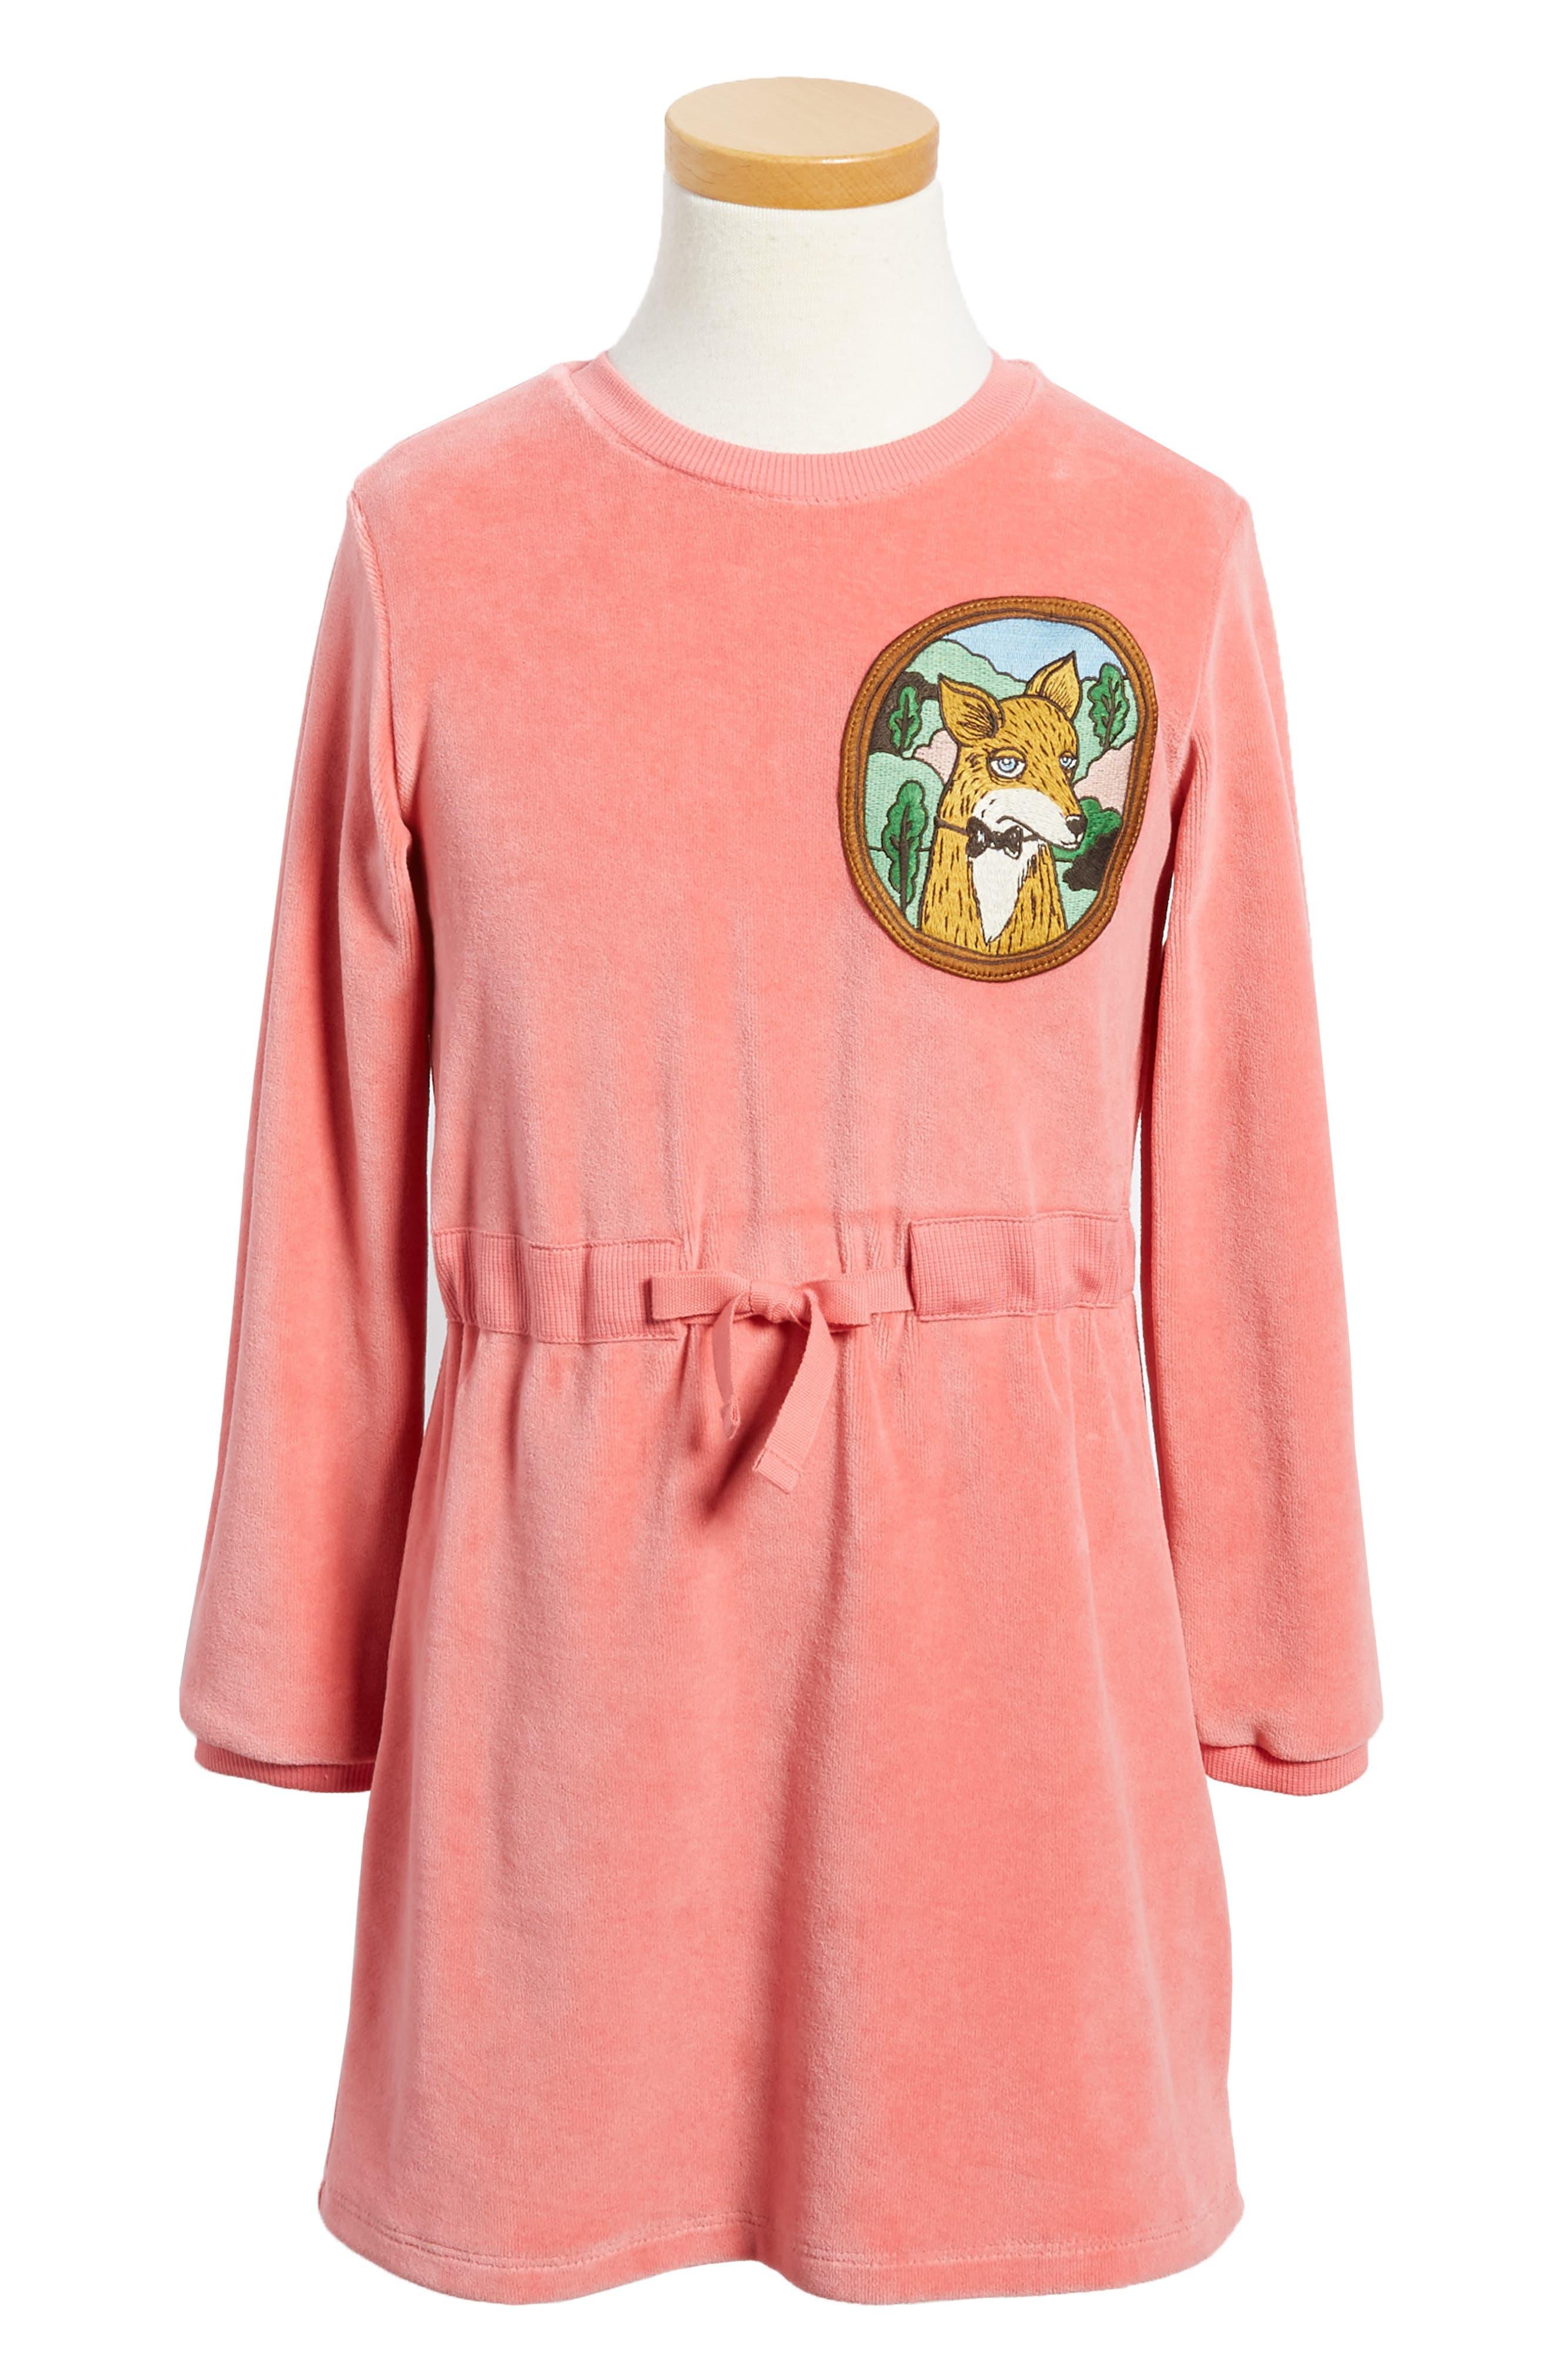 Main Image - Mini Rodini Fox Appliqué Velour Dress (Toddler Girls & Little Girls)